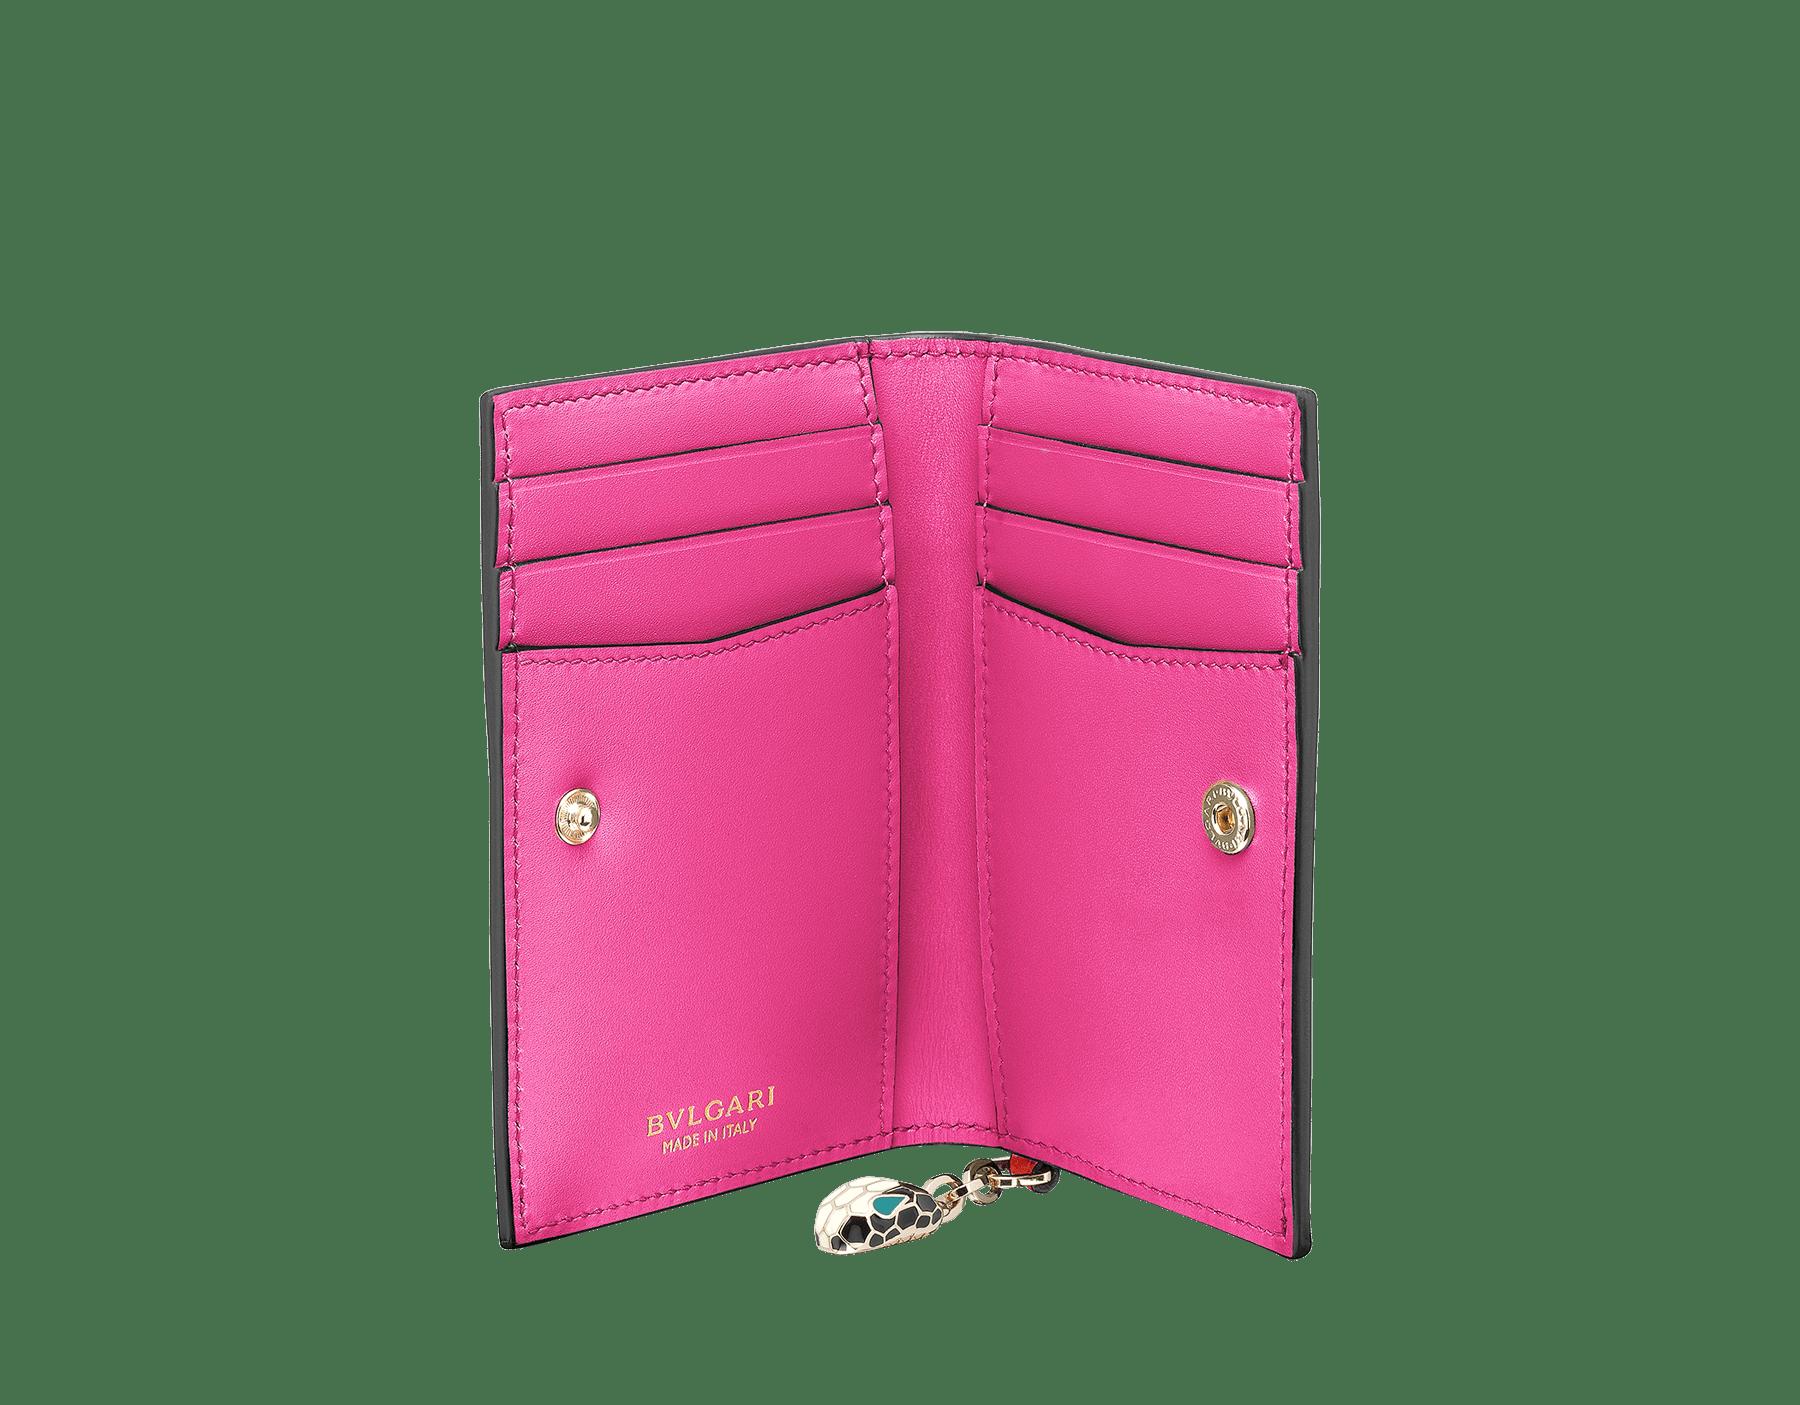 """Porta carte """"Serpenti Forever"""" in vitello verde menta e rosa quarzo toffee. Iconico ciondolo """"Serpenti"""" in smalto bianco e nero con occhi in smalto verde smeraldo. SEA-CC-HOLDER-FOLD-CLa image 2"""